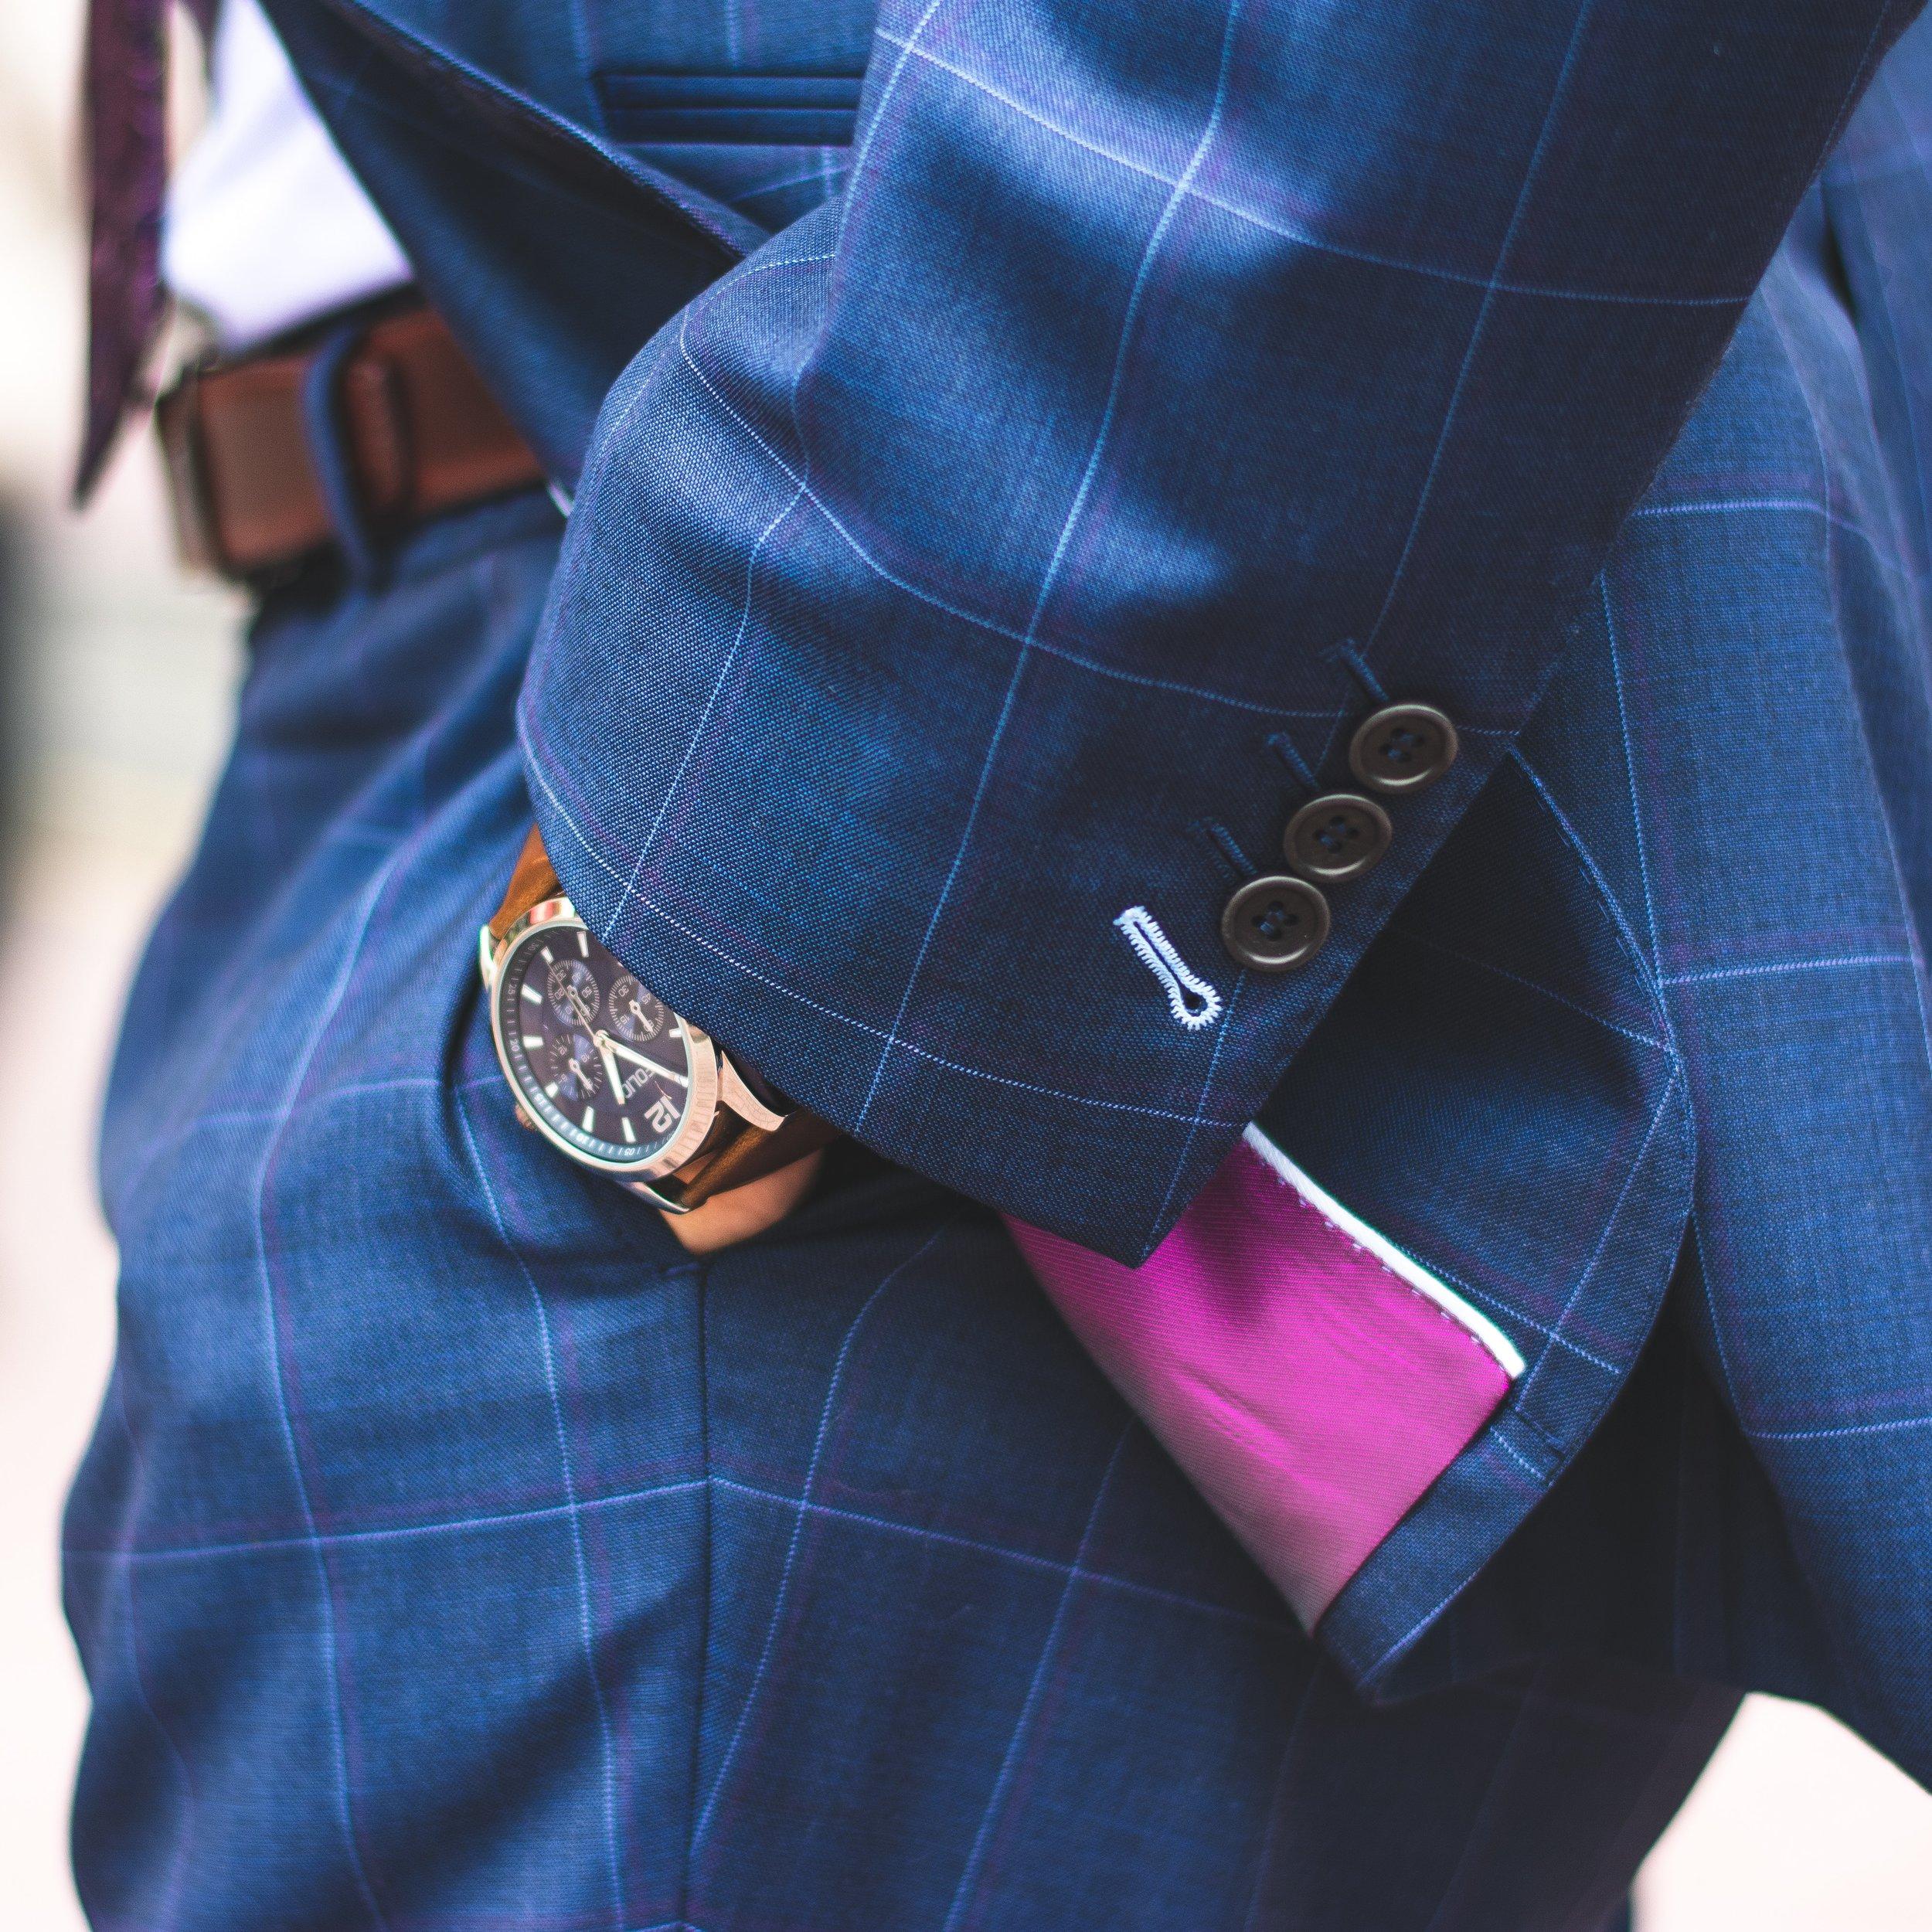 businessman-buttons-close-up-2254119.jpg